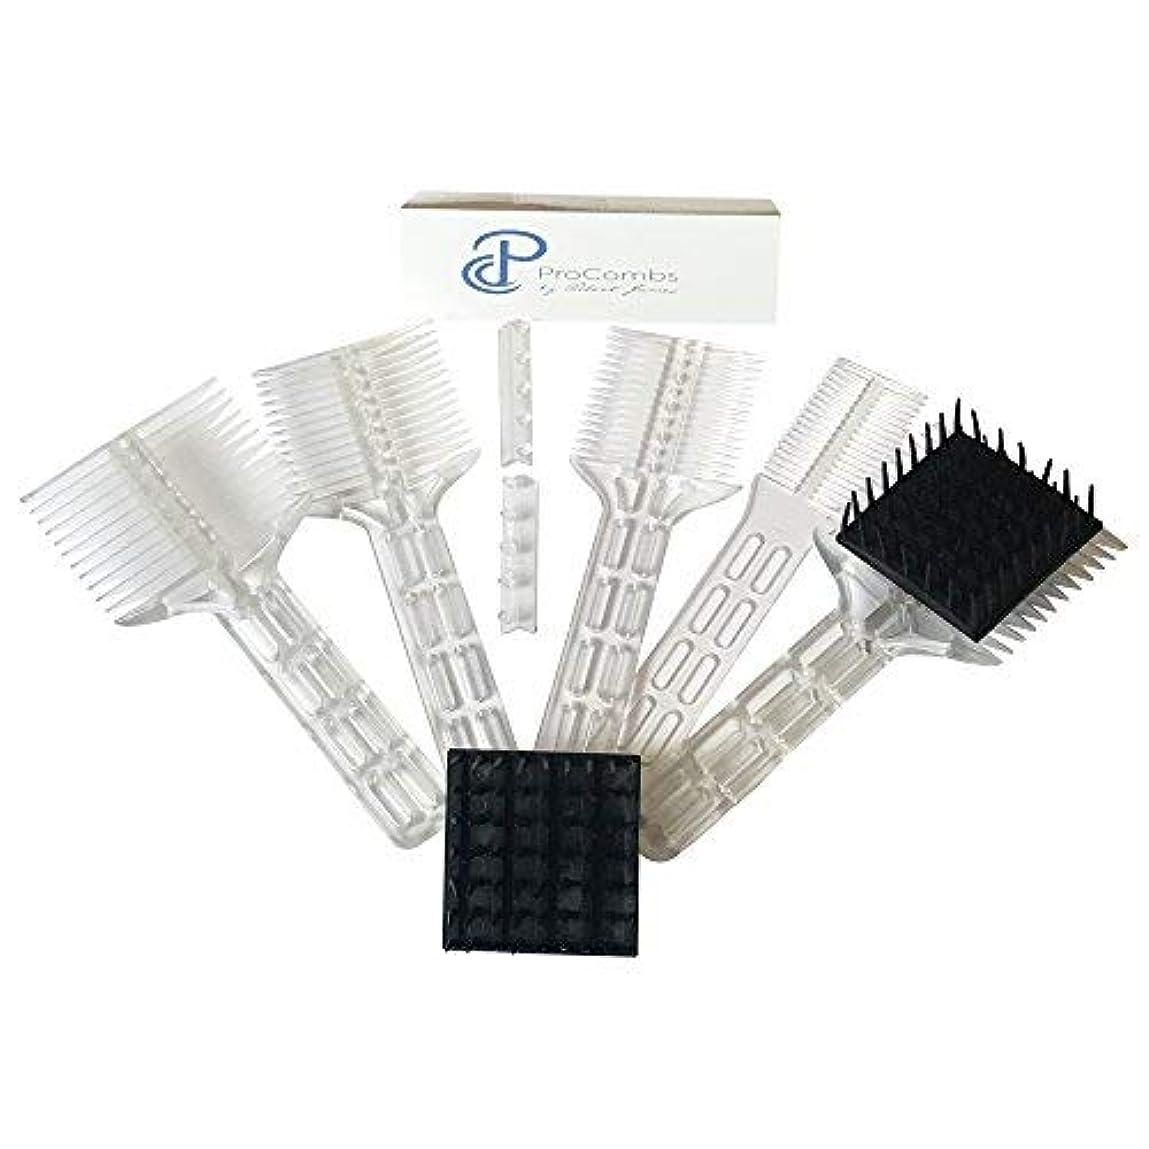 ダイバードリンクする必要があるScissor/Clipper Over Comb Tool For The Perfect Haircut [並行輸入品]